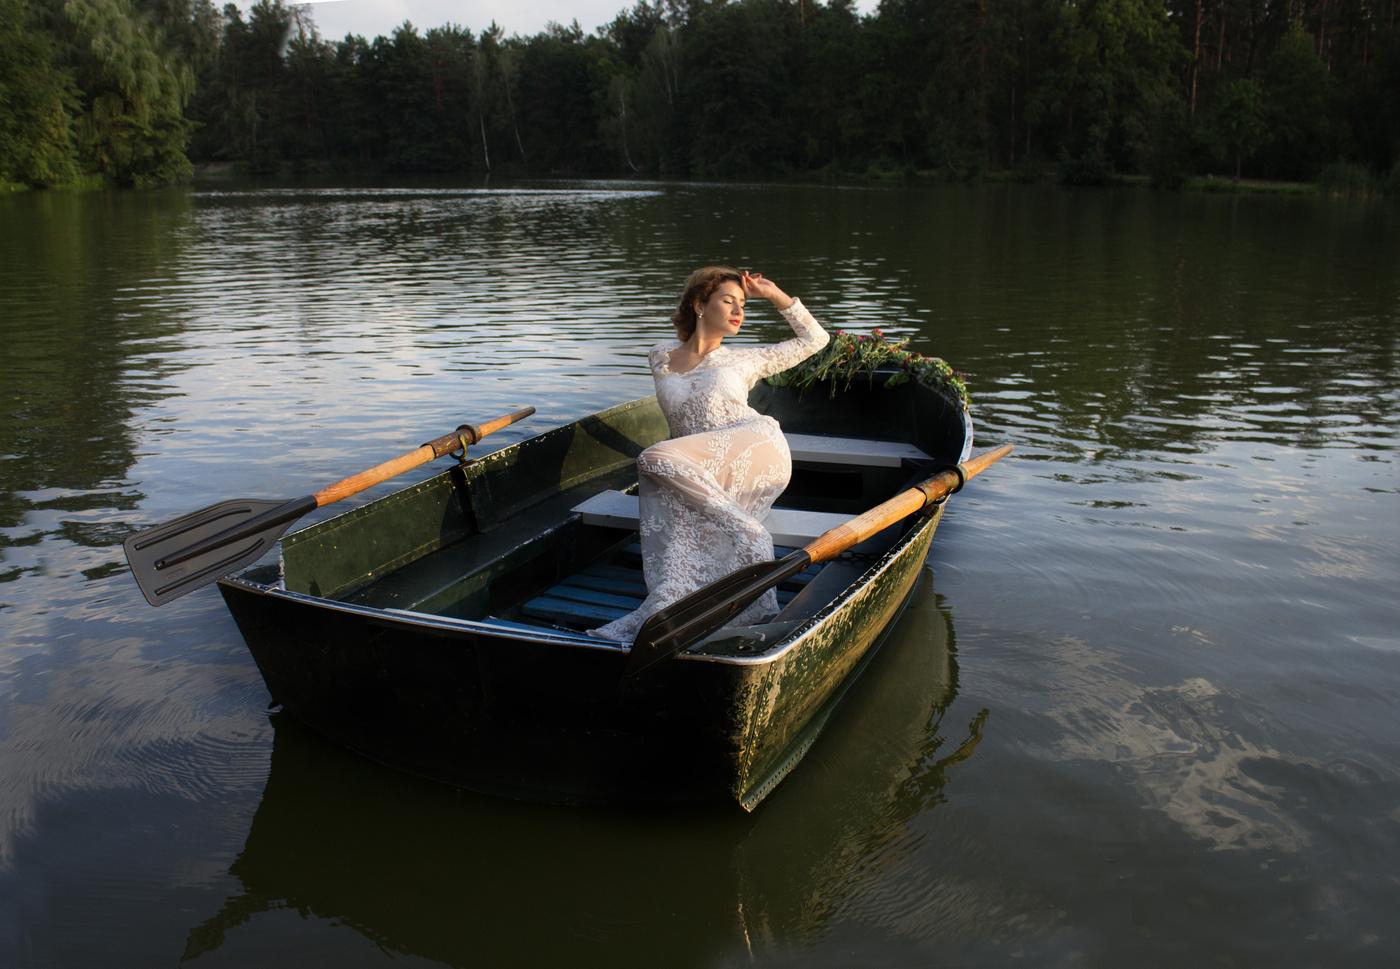 картинки человек в лодке на реке немногих пляжей районе